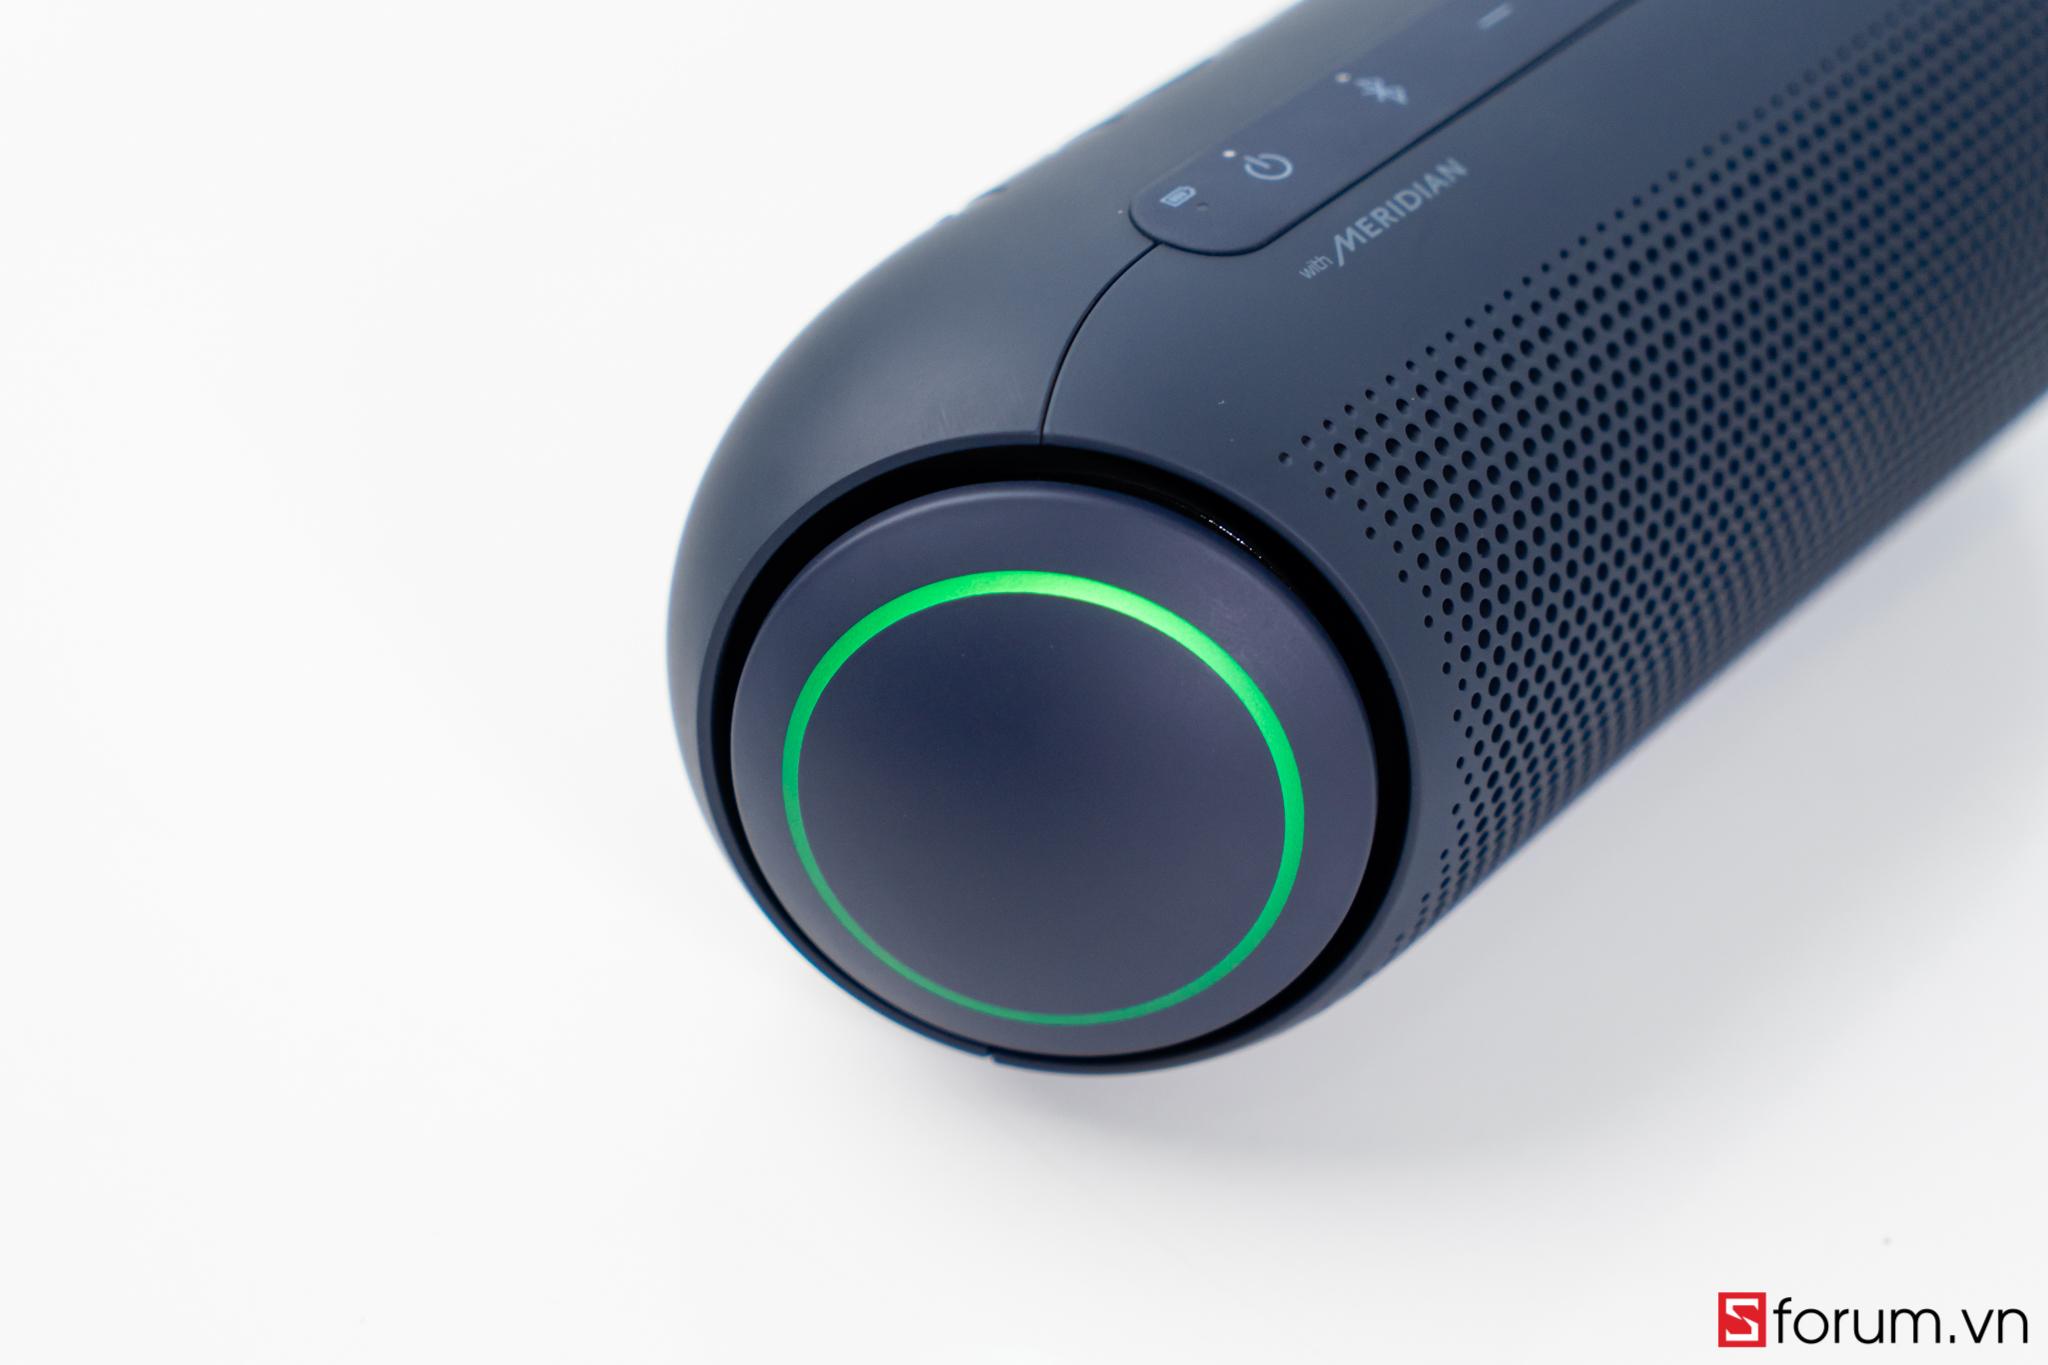 Sforum - Trang thông tin công nghệ mới nhất CPS-LG-xBoom-Go-PL5-16 Đánh giá nhanh LG XBOOM Go PL5: Đối thủ trực tiếp của Sony XB32?